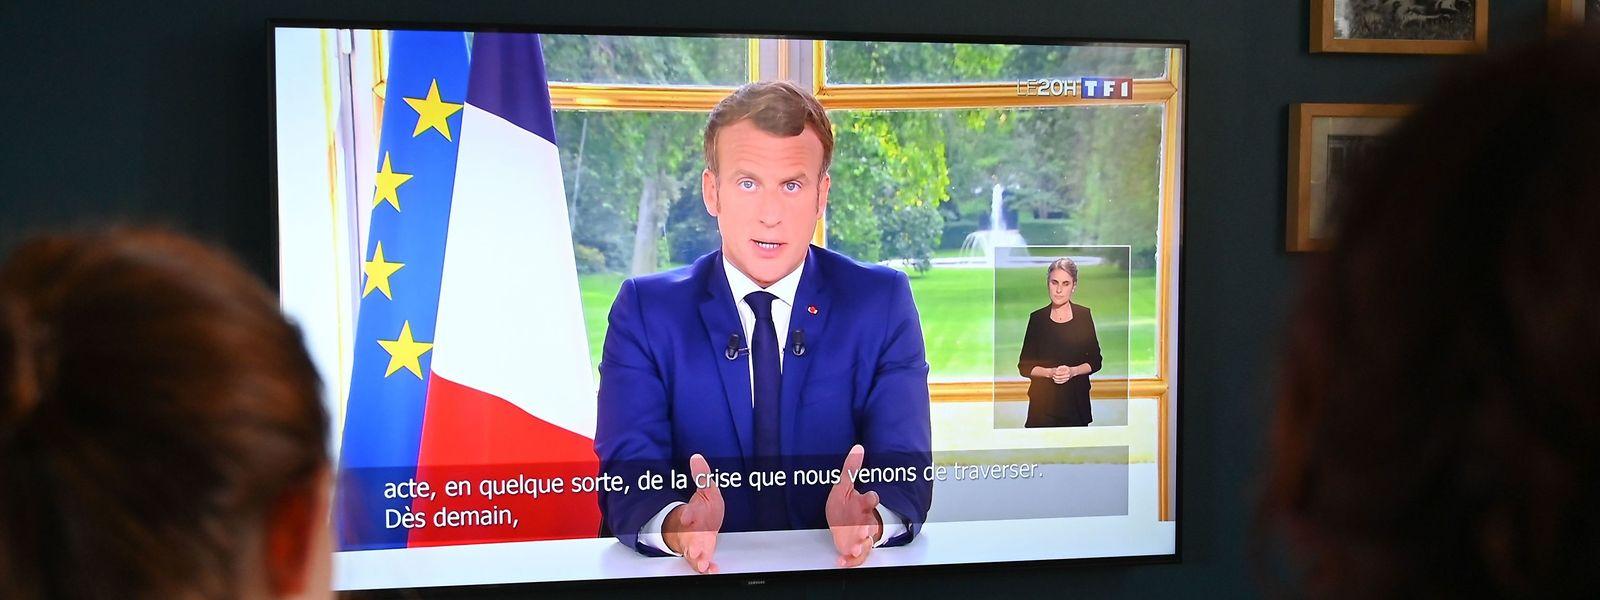 Eine französische Familie schaut die Fernsehansprache des Präsidenten.